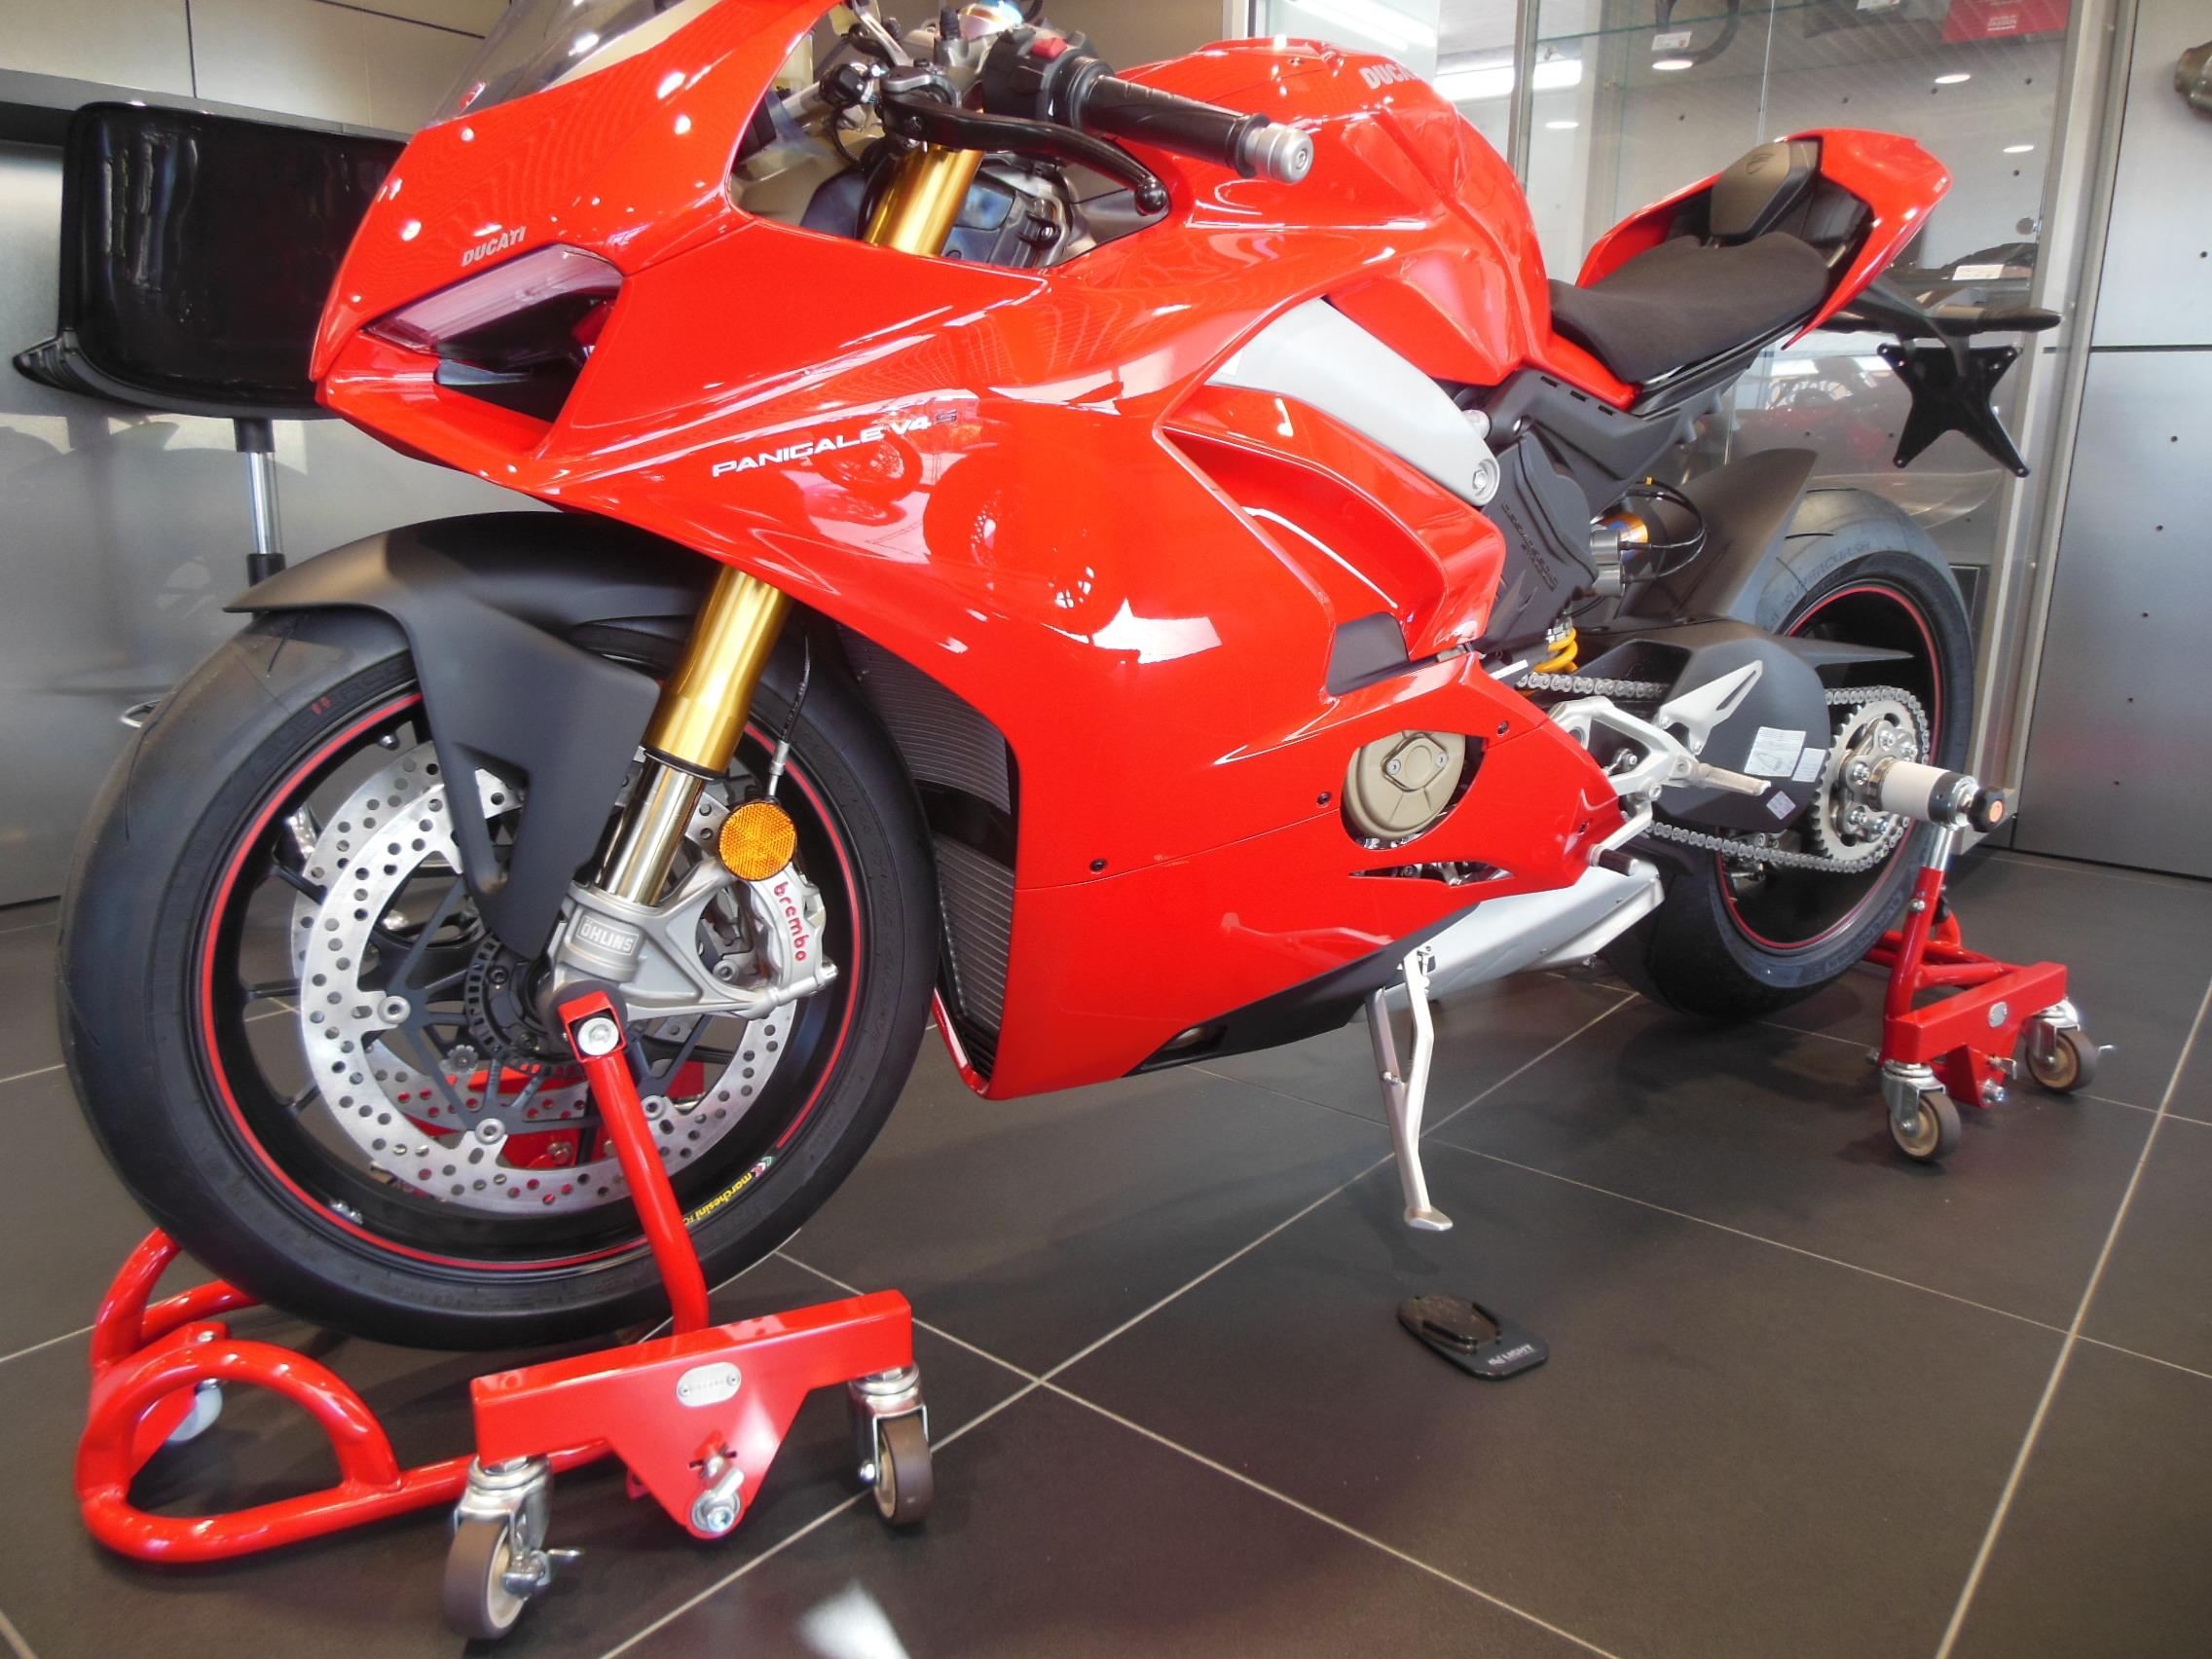 DucatiパニガーレV4極太貫通ショート